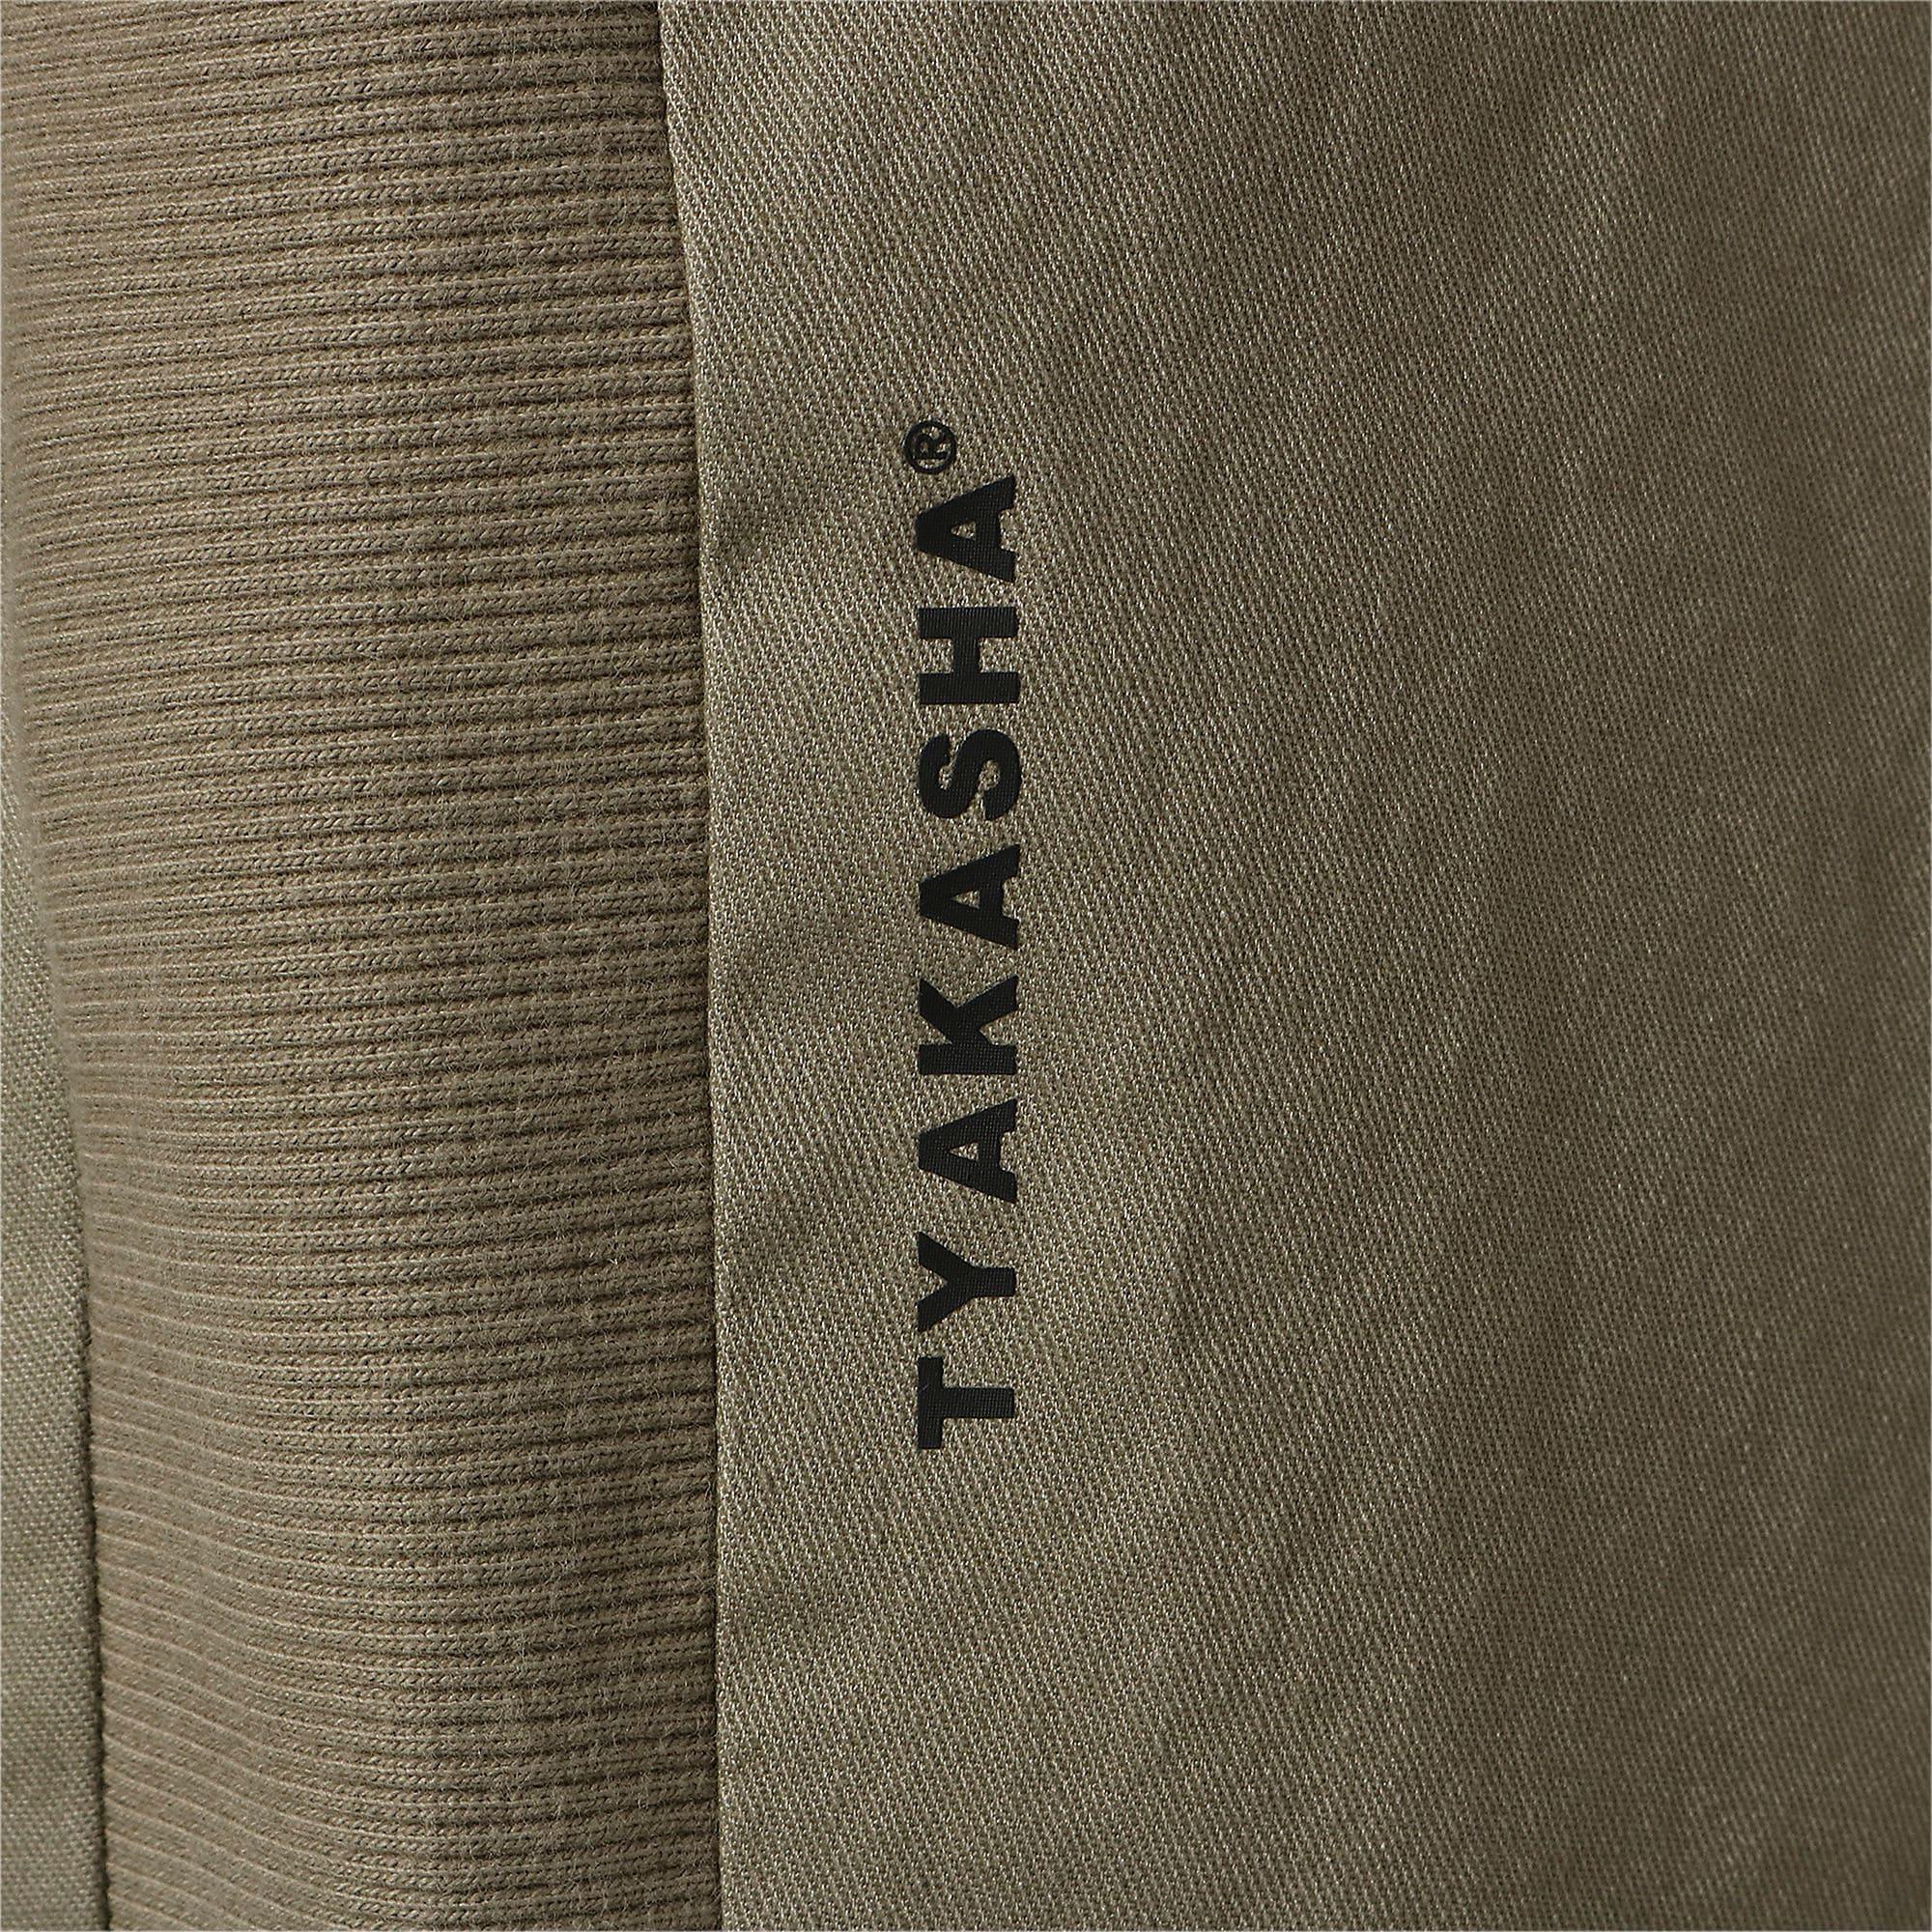 Thumbnail 9 of PUMA x TYAKASHA トラックパンツ, Vetiver, medium-JPN